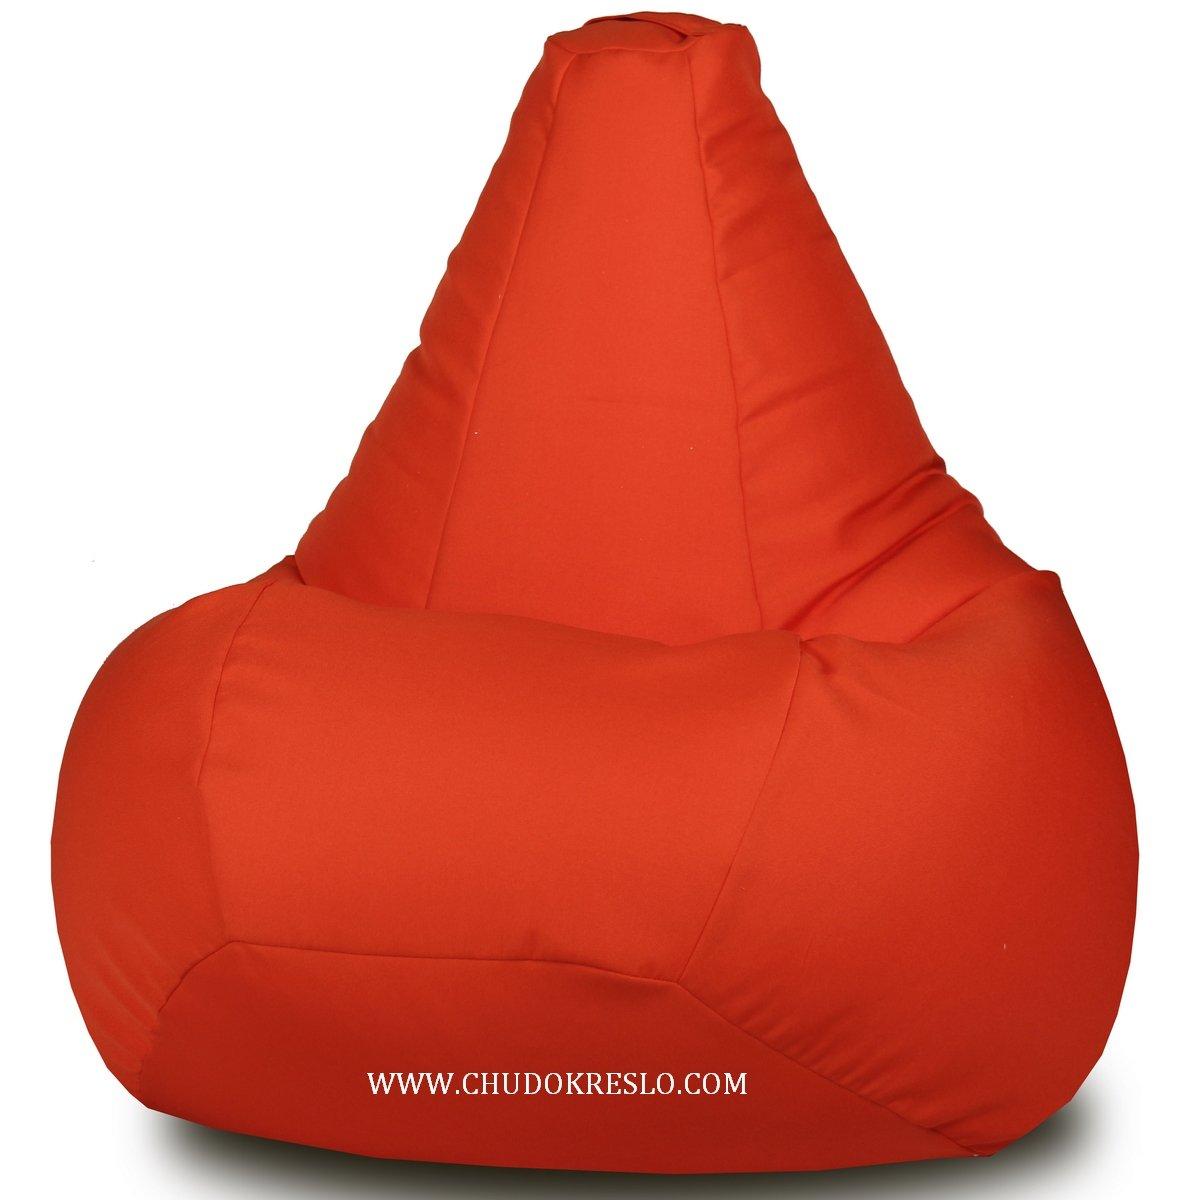 Кресло Мешок Жаккард оранж L - XL размер L